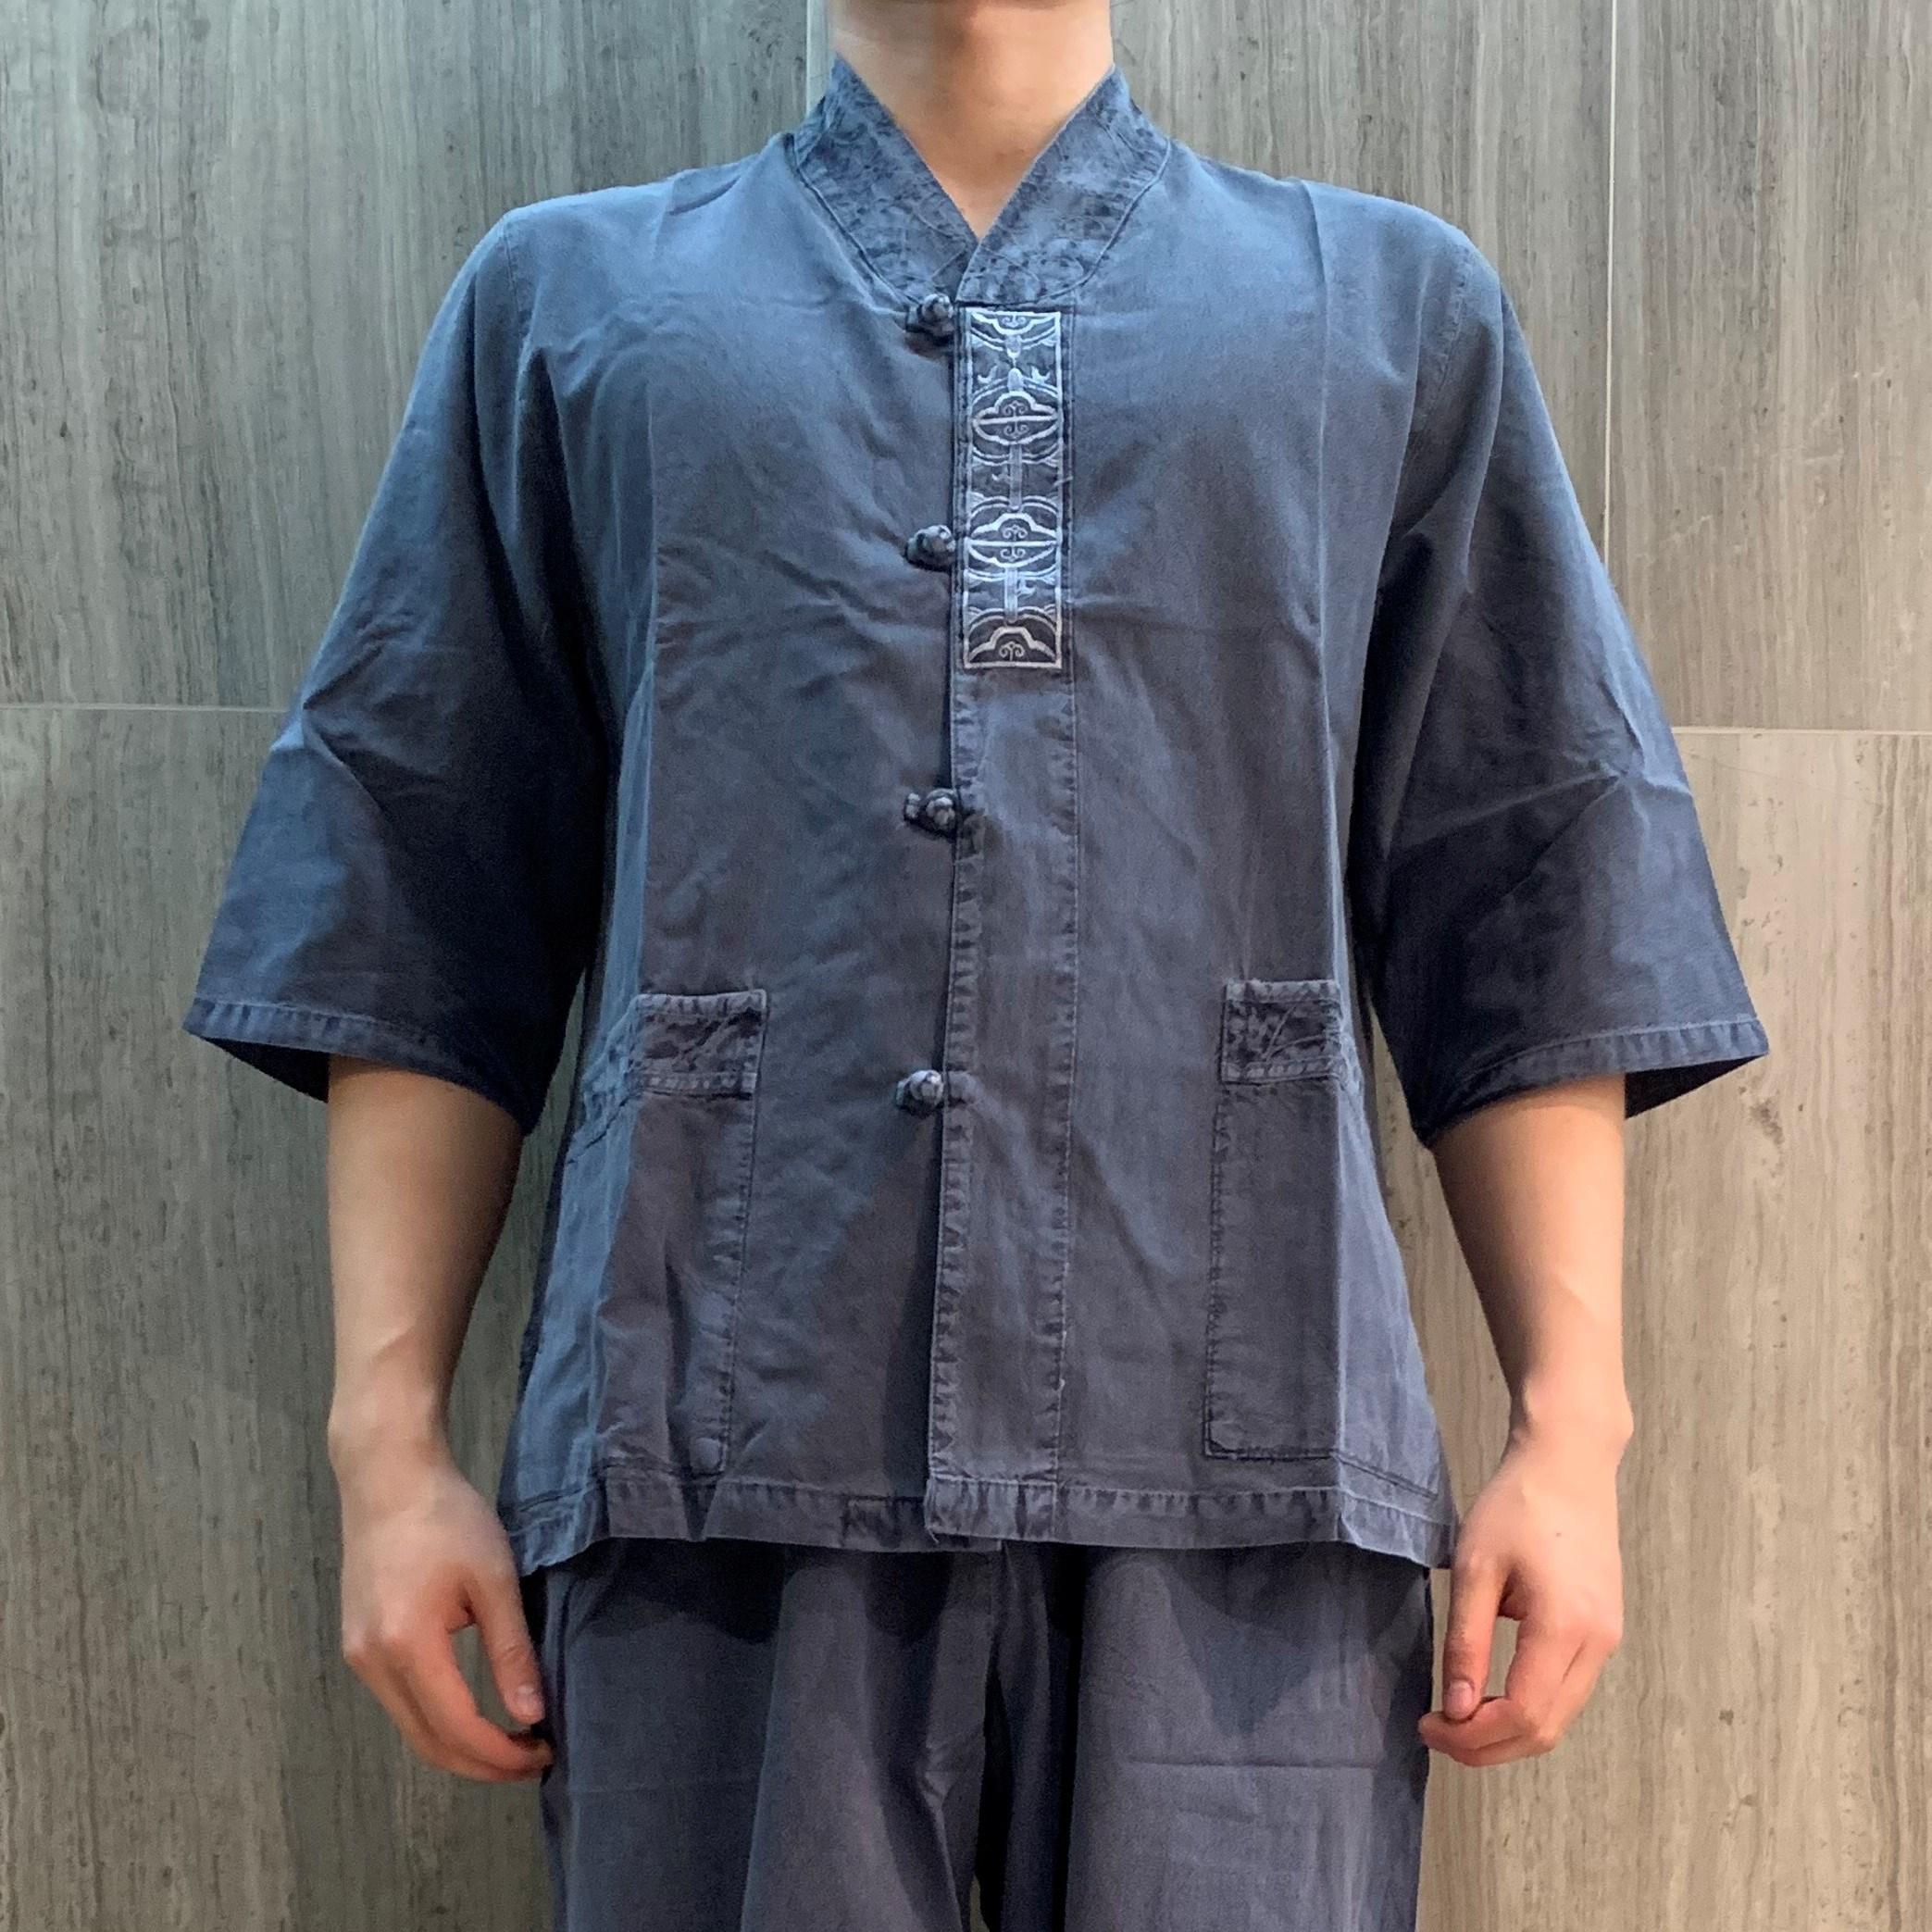 온고지신 여름용 7부 개량한복 (생활한복) 3가지 색상